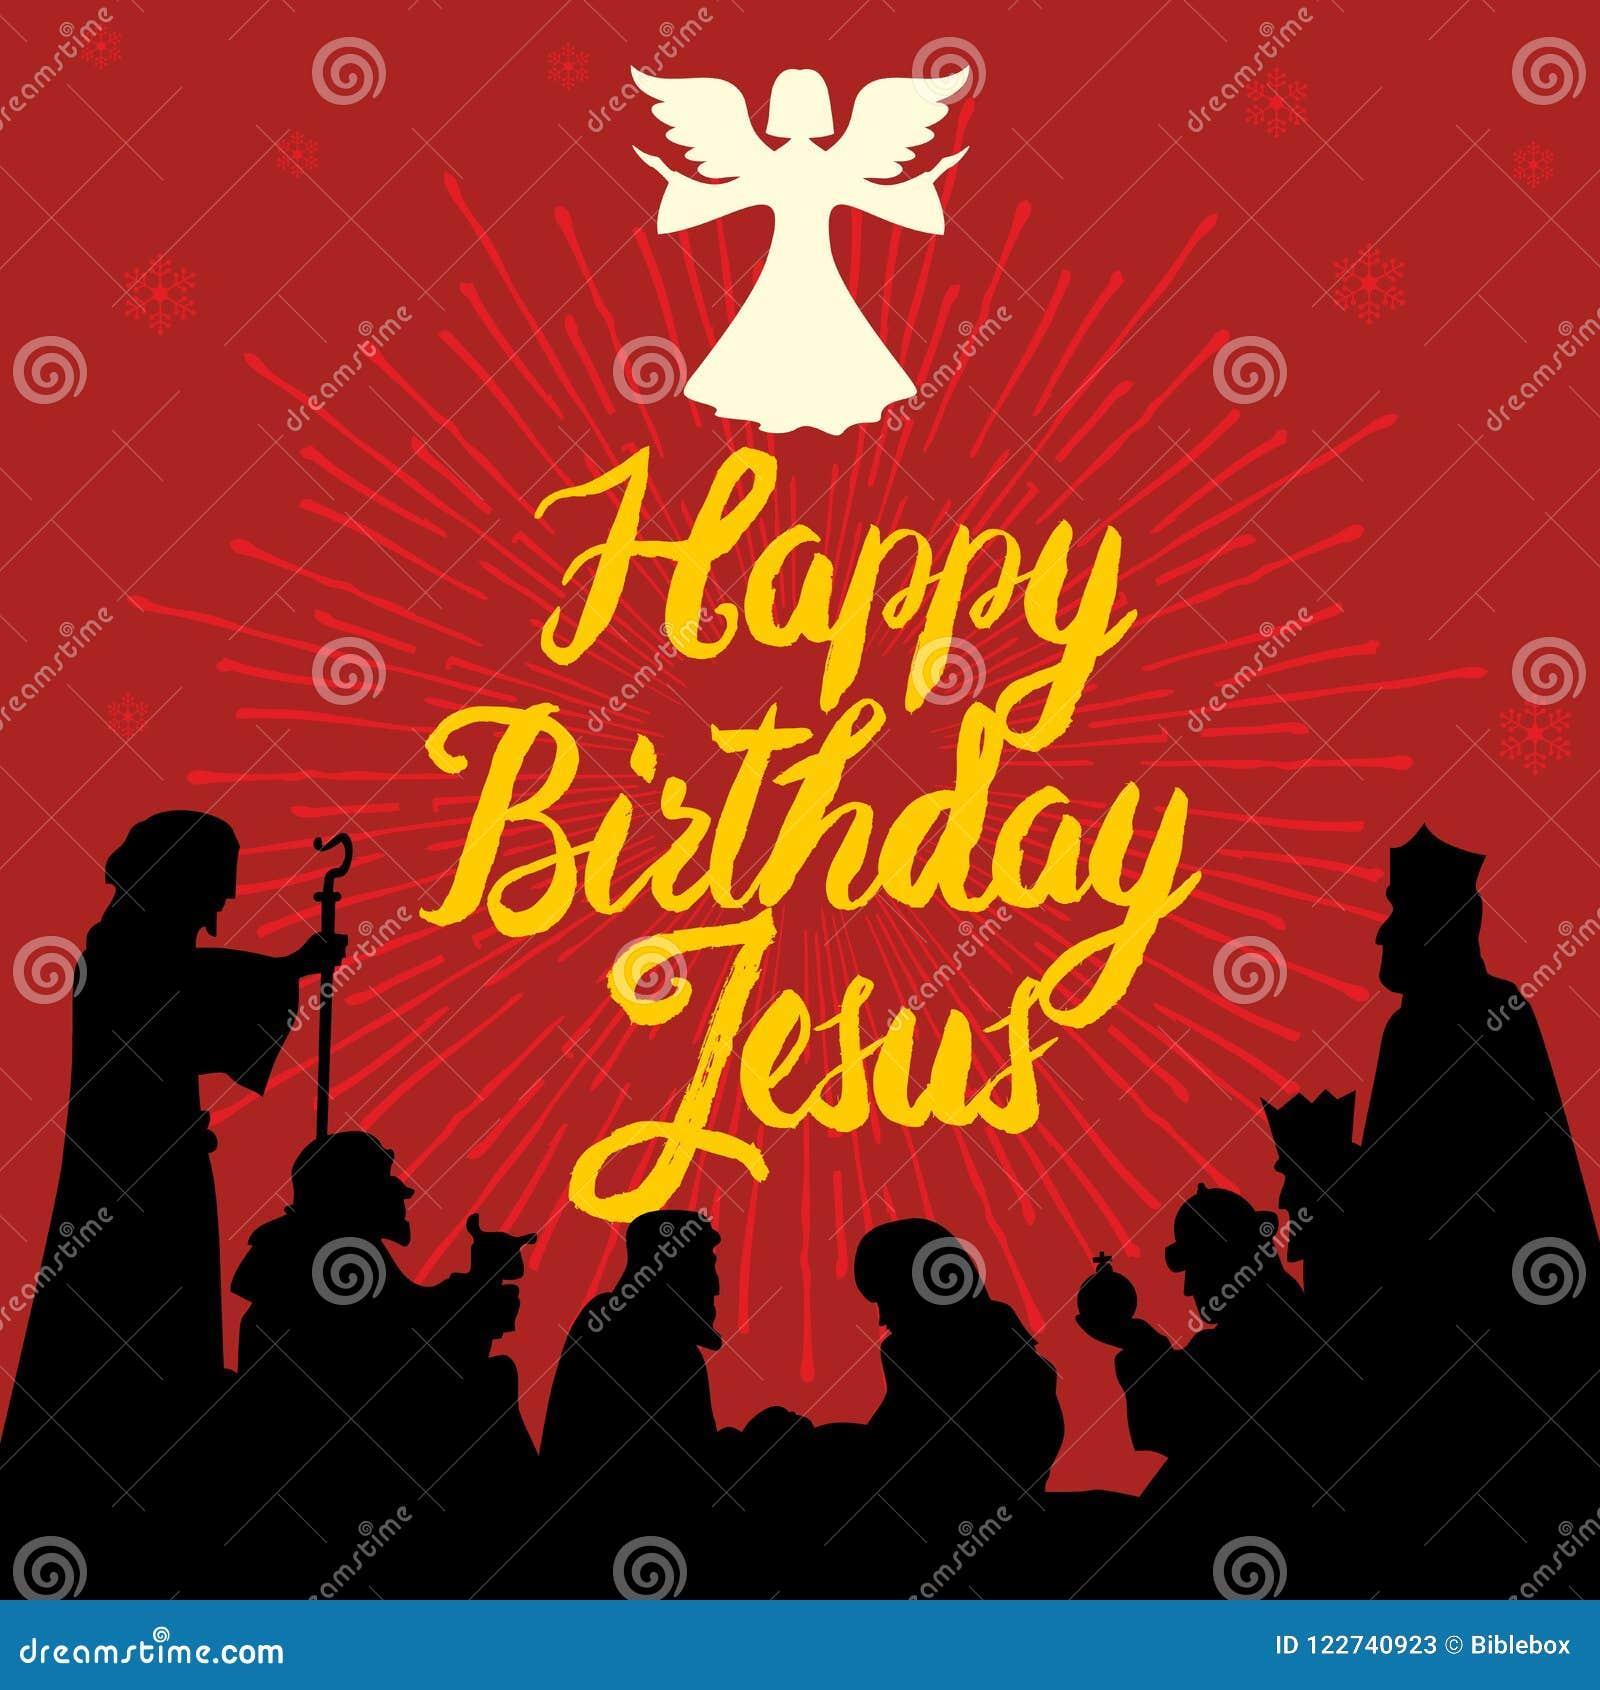 С днем рождения иисус картинки